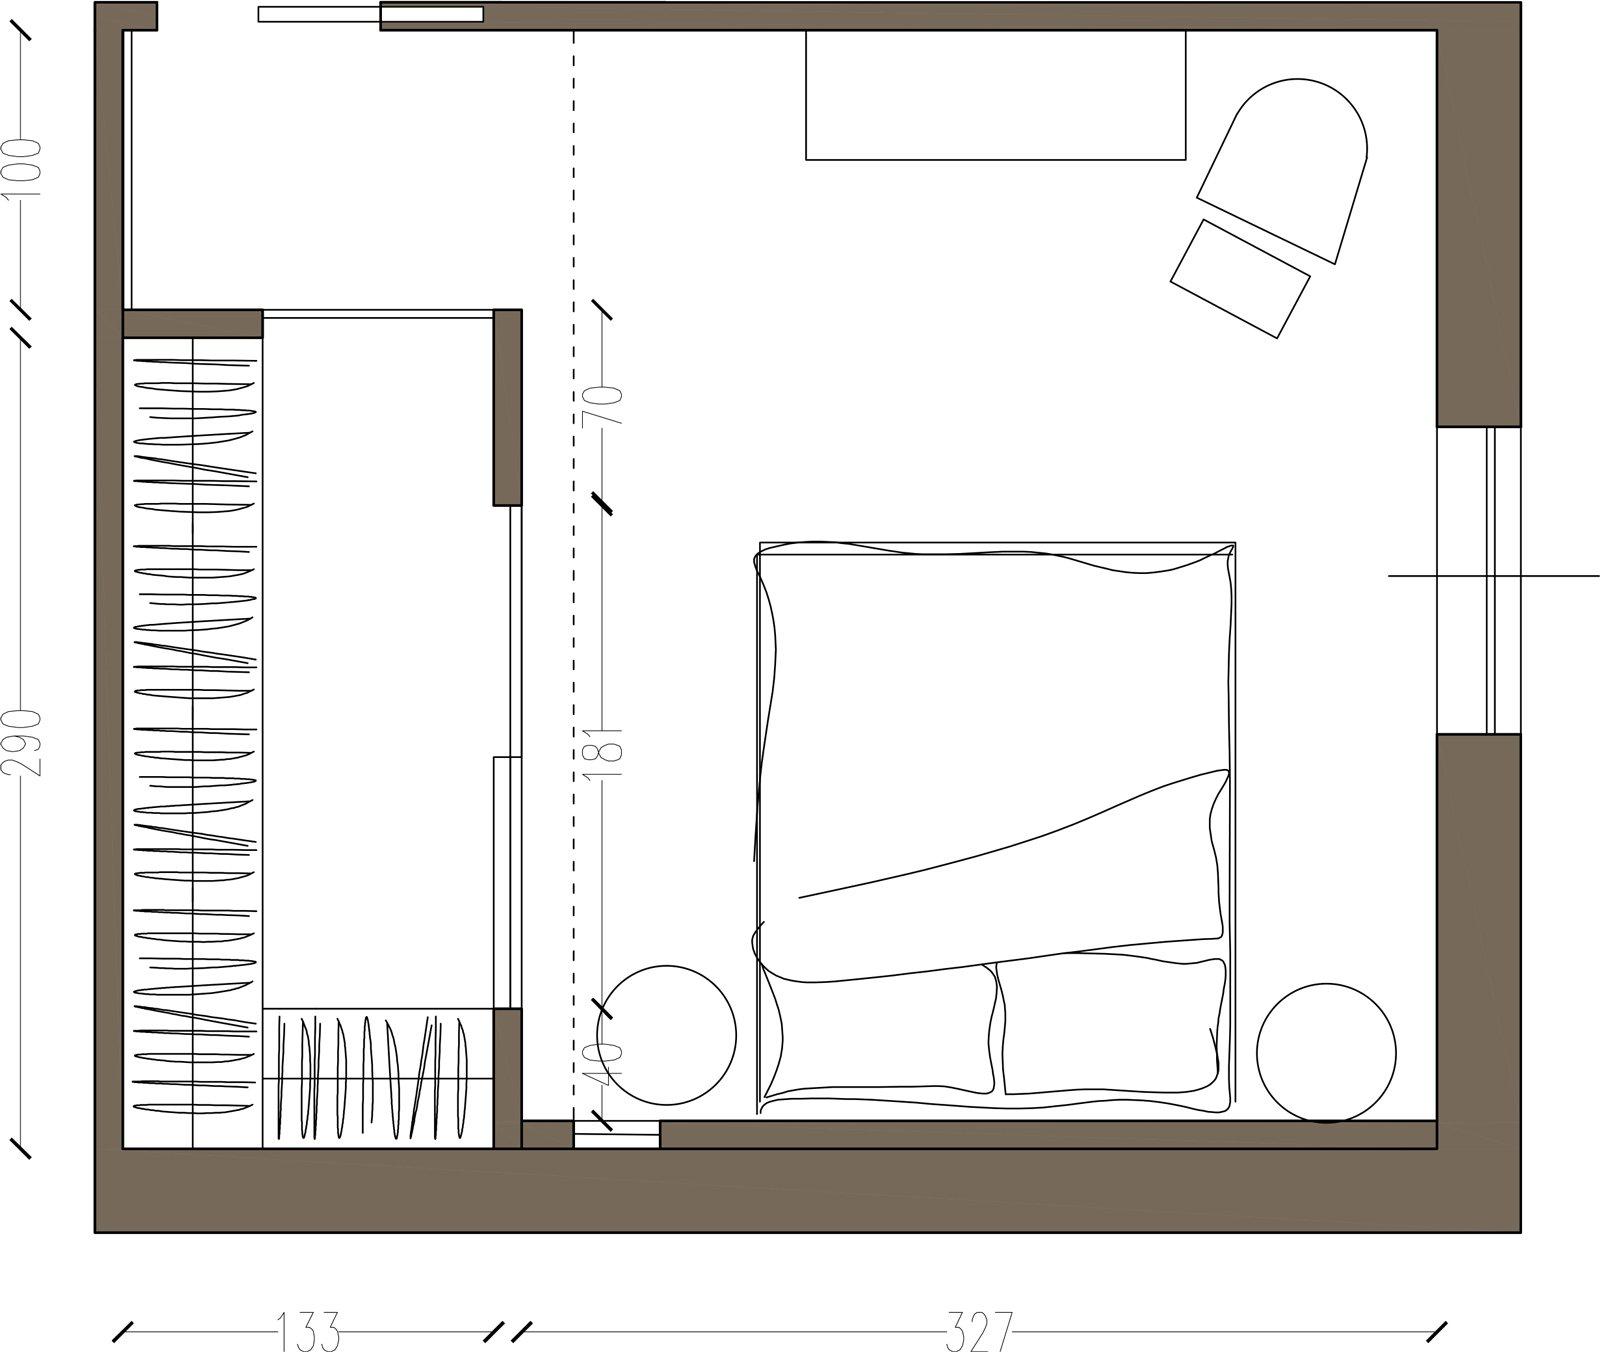 Cabina armadio due soluzioni per ricavarla cose di casa - Misure cabine armadio ...